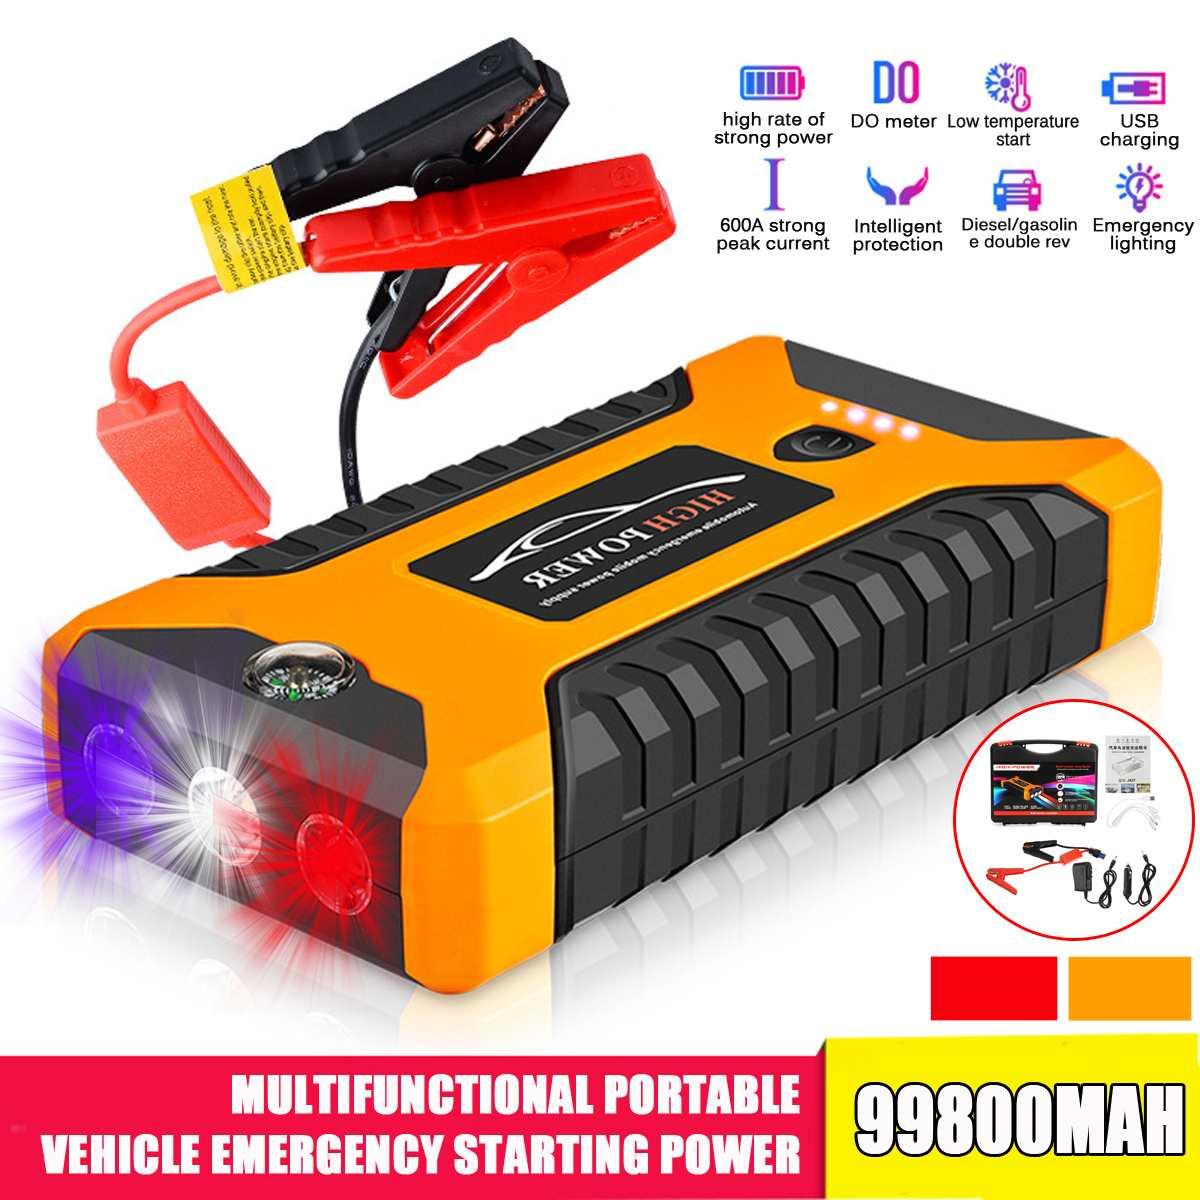 99800mAh 4USB 12V портативный автомобильный стартер для скачка многофункциональная автомобильная батарея Booster Зарядное устройство Booster аварийное ...